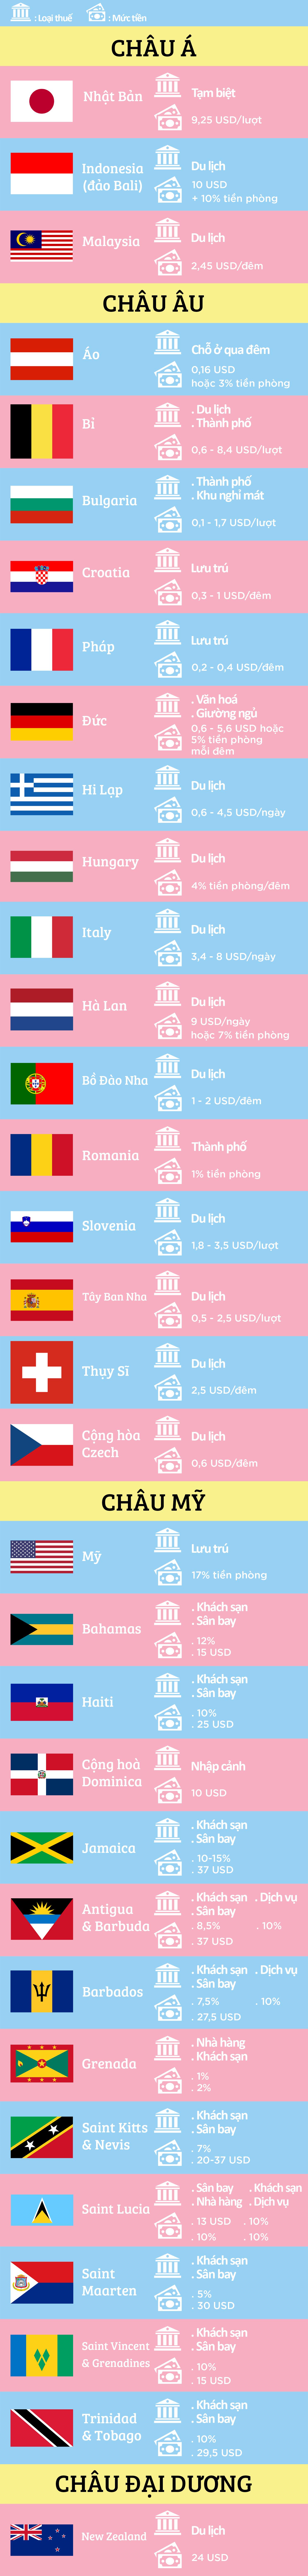 33 mức thuế cần lưu ý khi đi du lịch nước ngoài